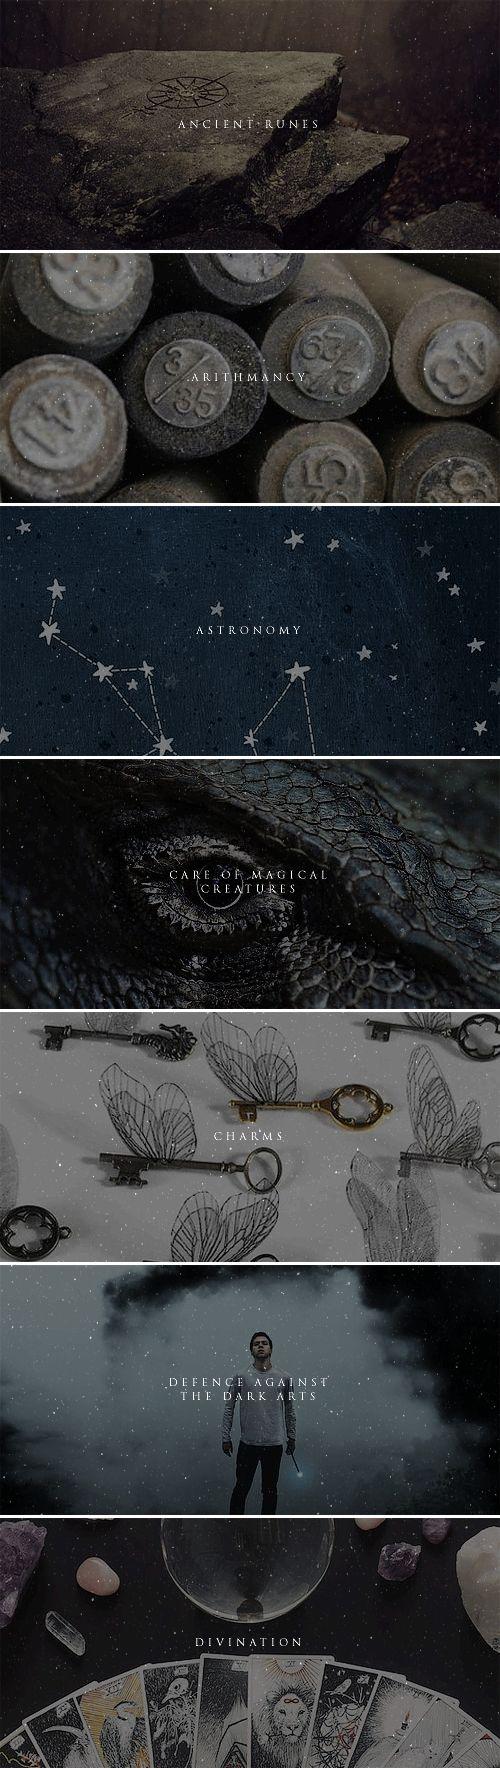 Runas Artimancia Astrología Cuidado de criaturas mágicas Encantamientos Defensa contra las Artes oscuras Adivinación